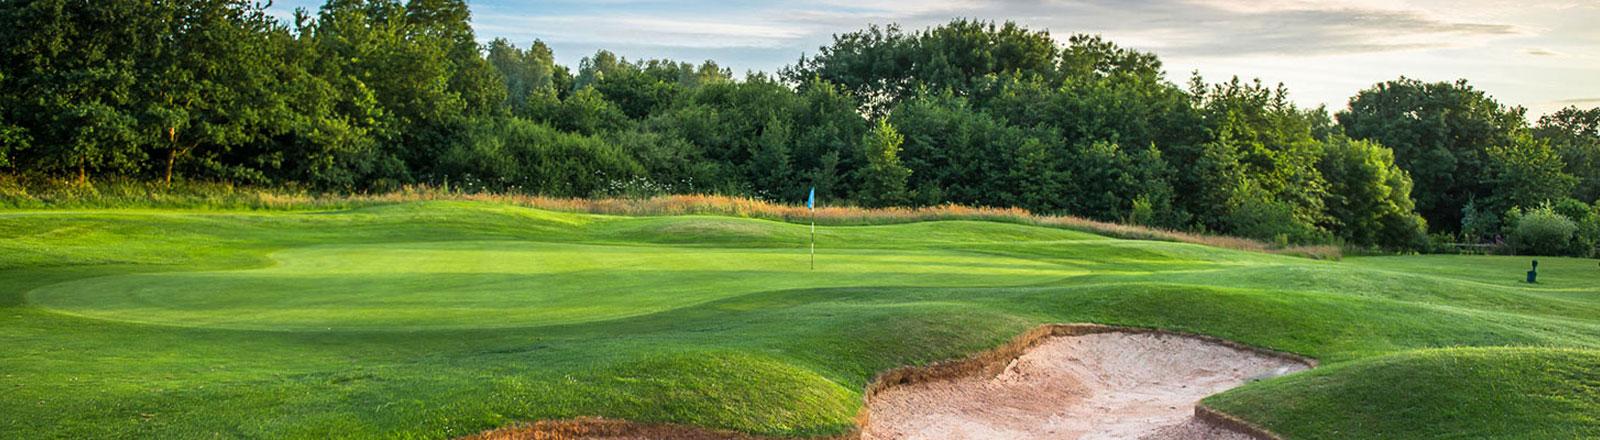 The Shropshire Golf Centre